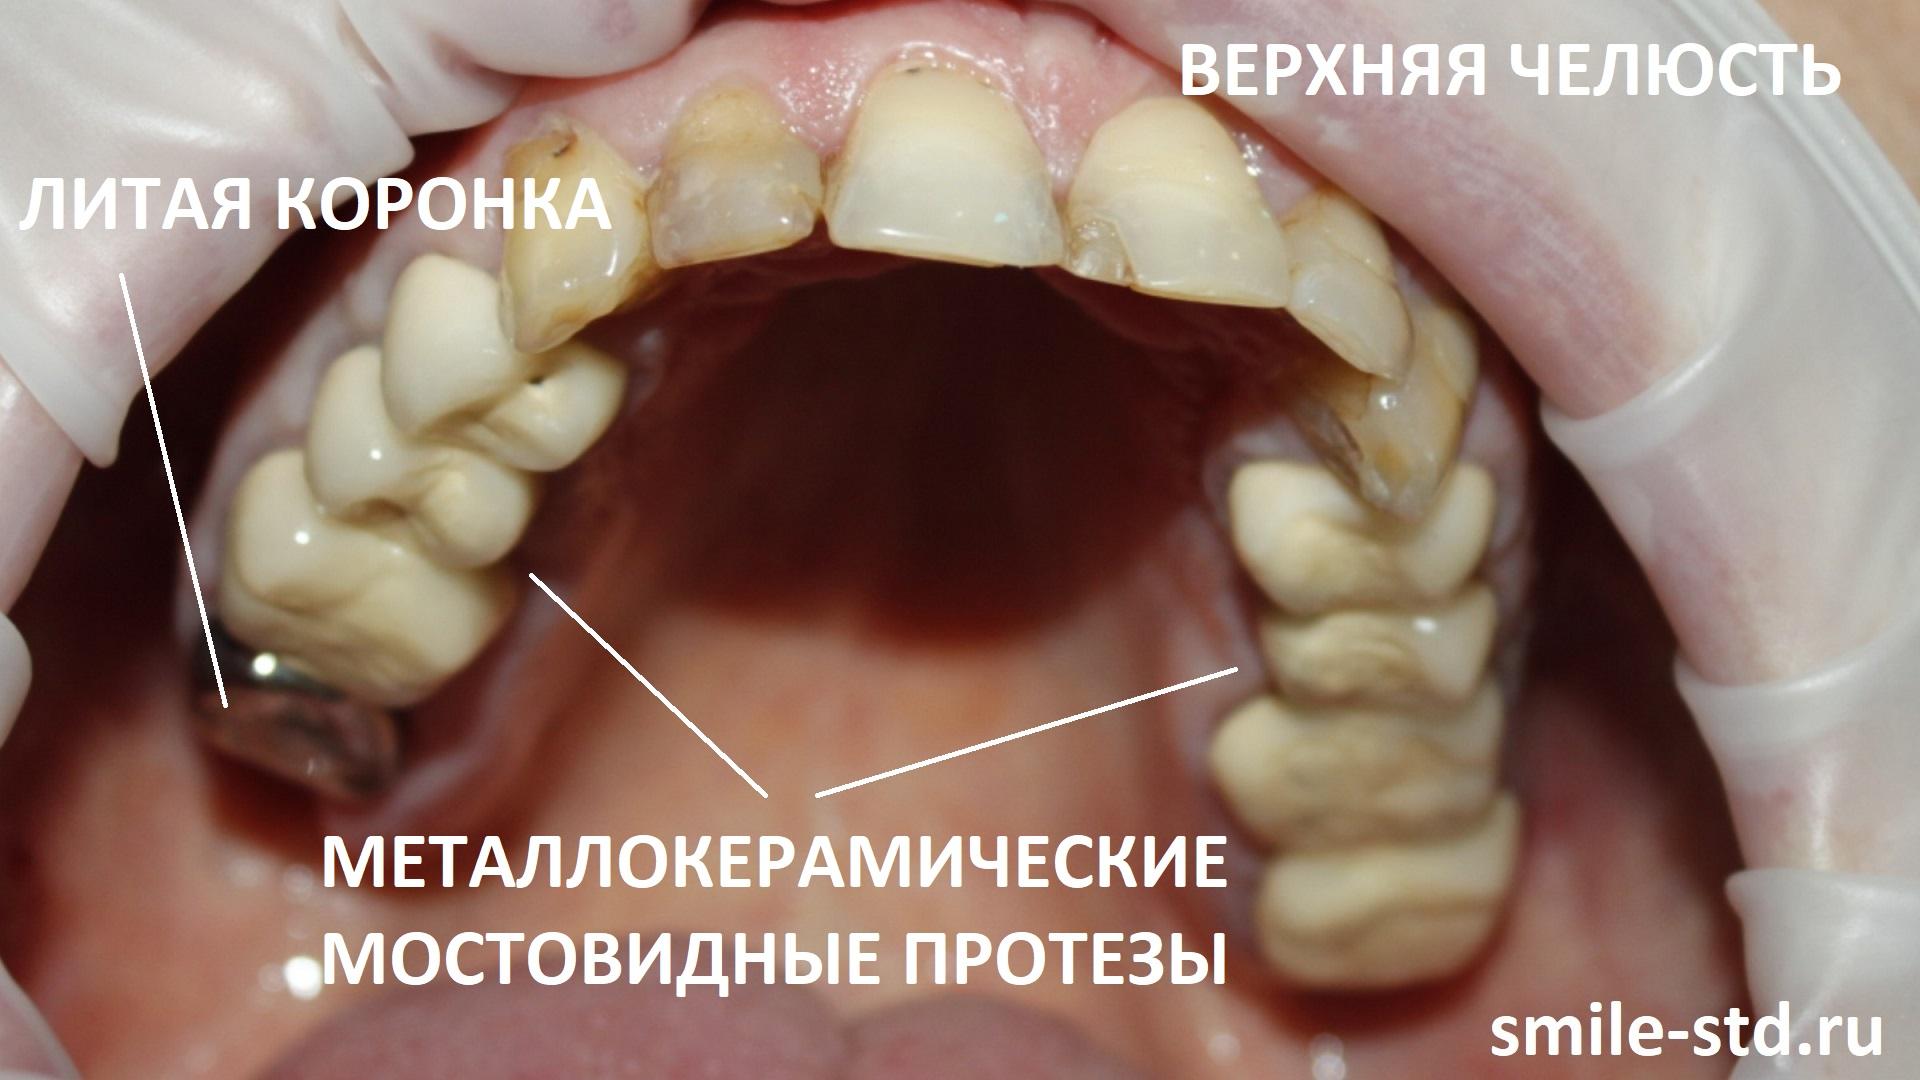 Неправильная установка металлокерамических мостов на верхней челюсти привела к развитию серьезных разрушений остальных зубов.